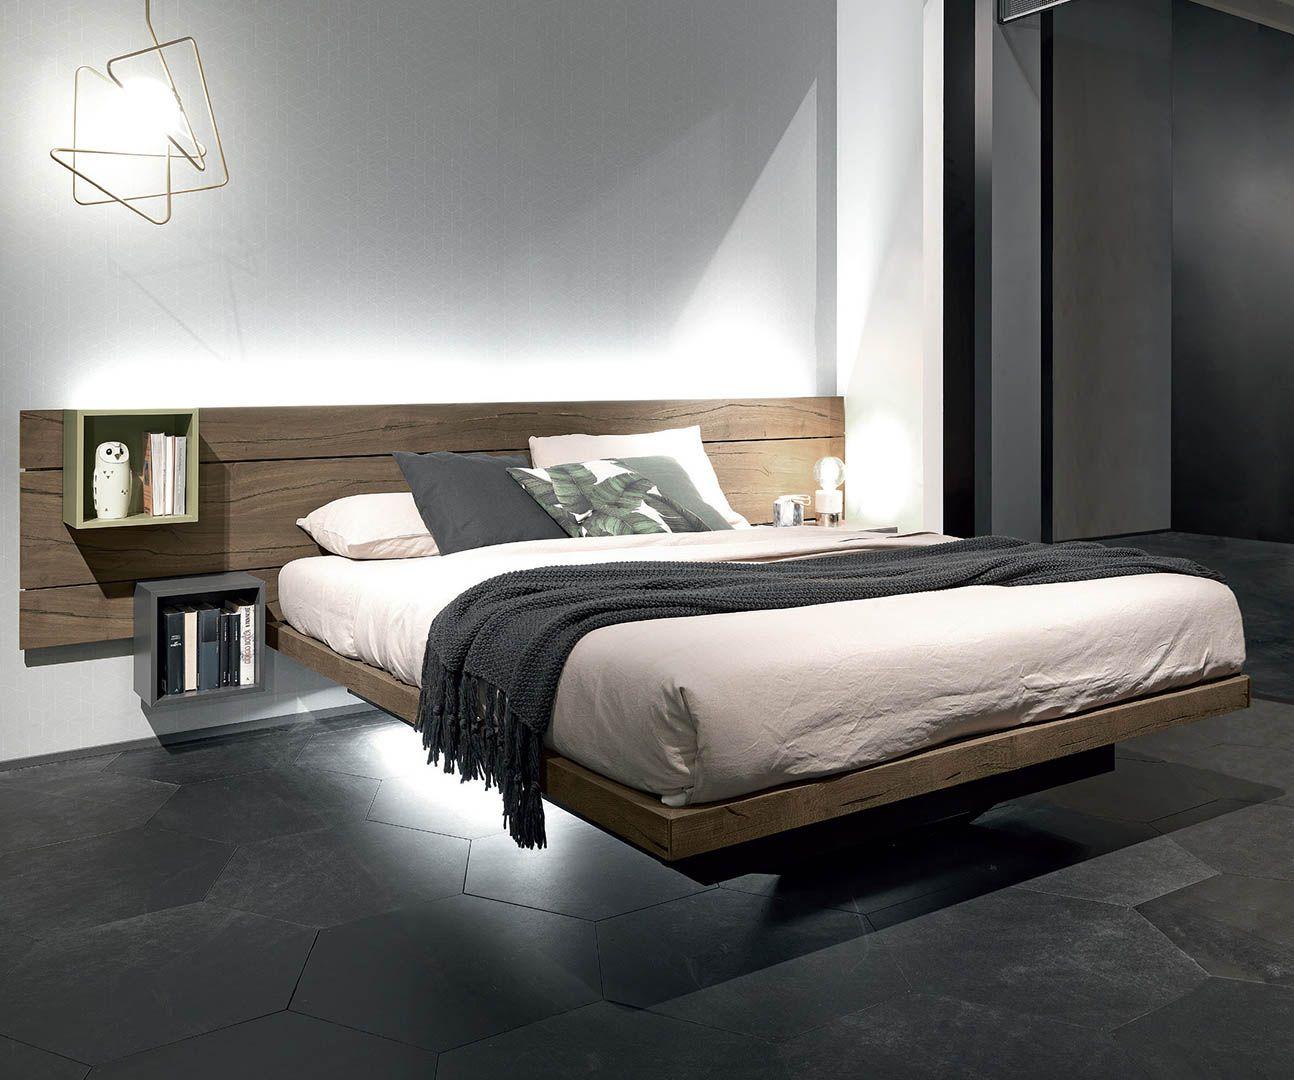 Fimar produce letti moderni sospesi con contenitore armadi design e complementi notte porta tv